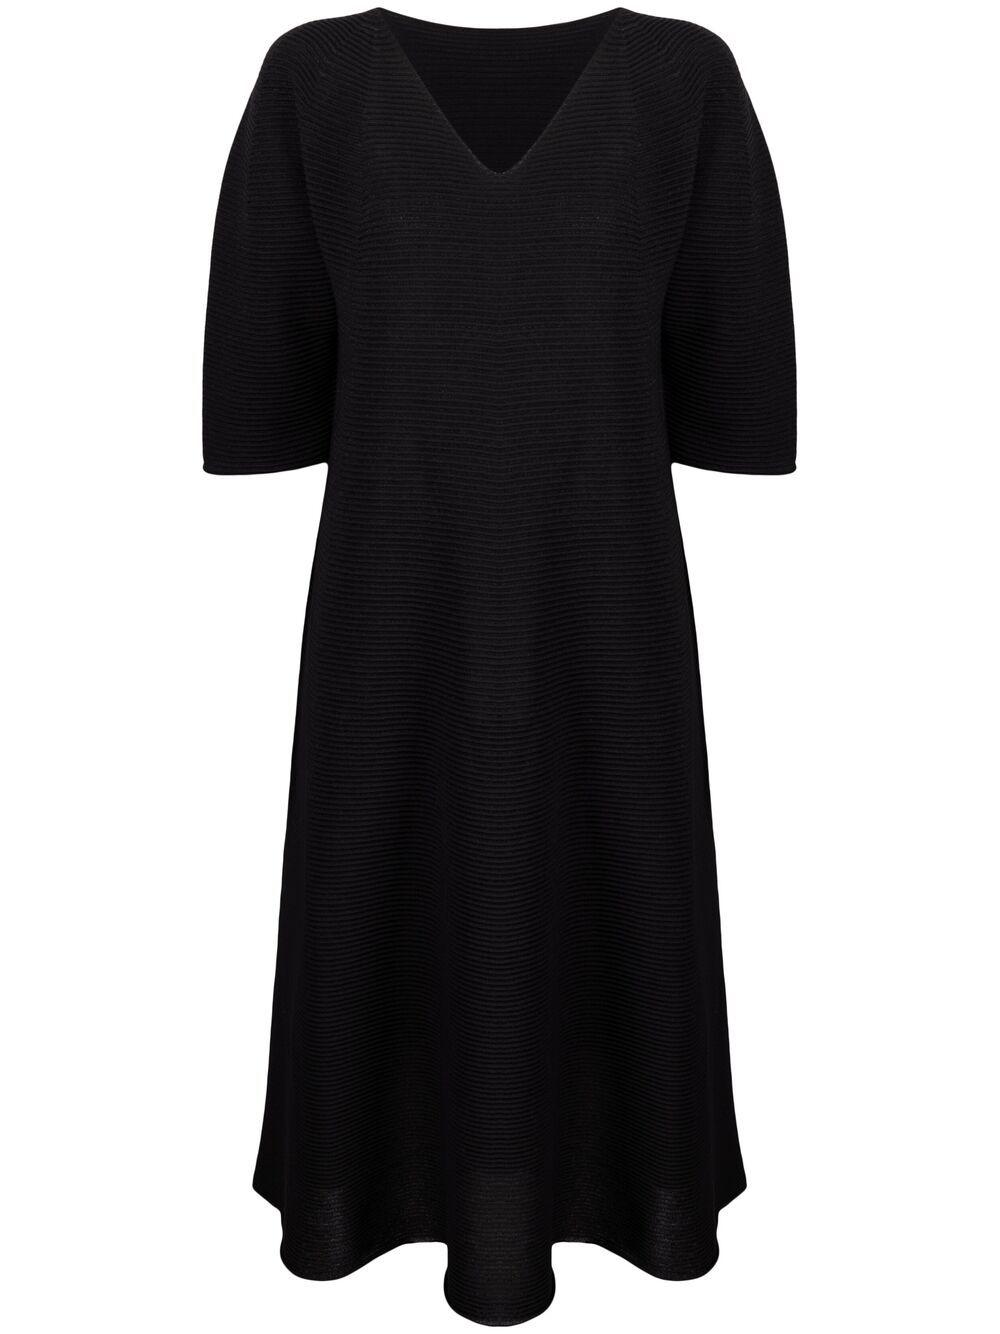 ISSEY MIYAKE | Dress | IM17KH78215